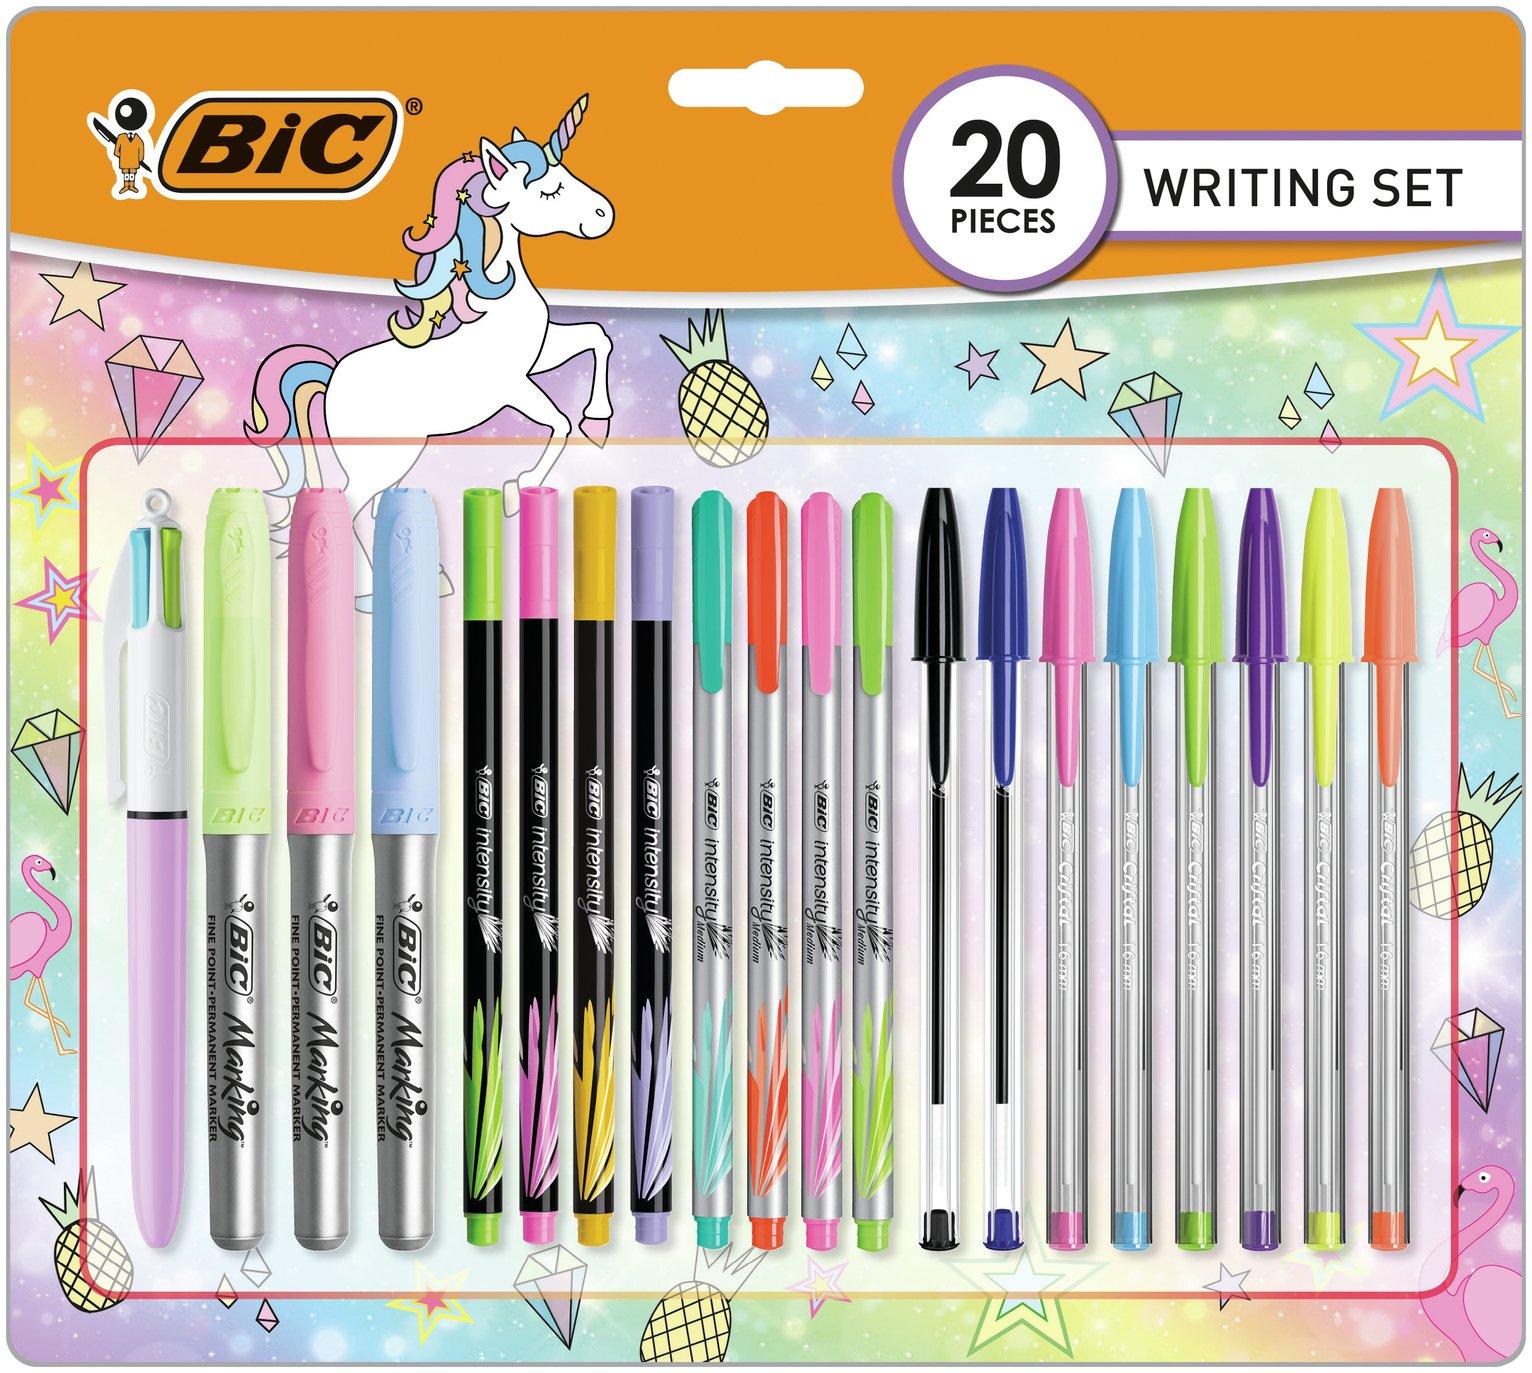 BIC Pastel Writing 20 Piece Set